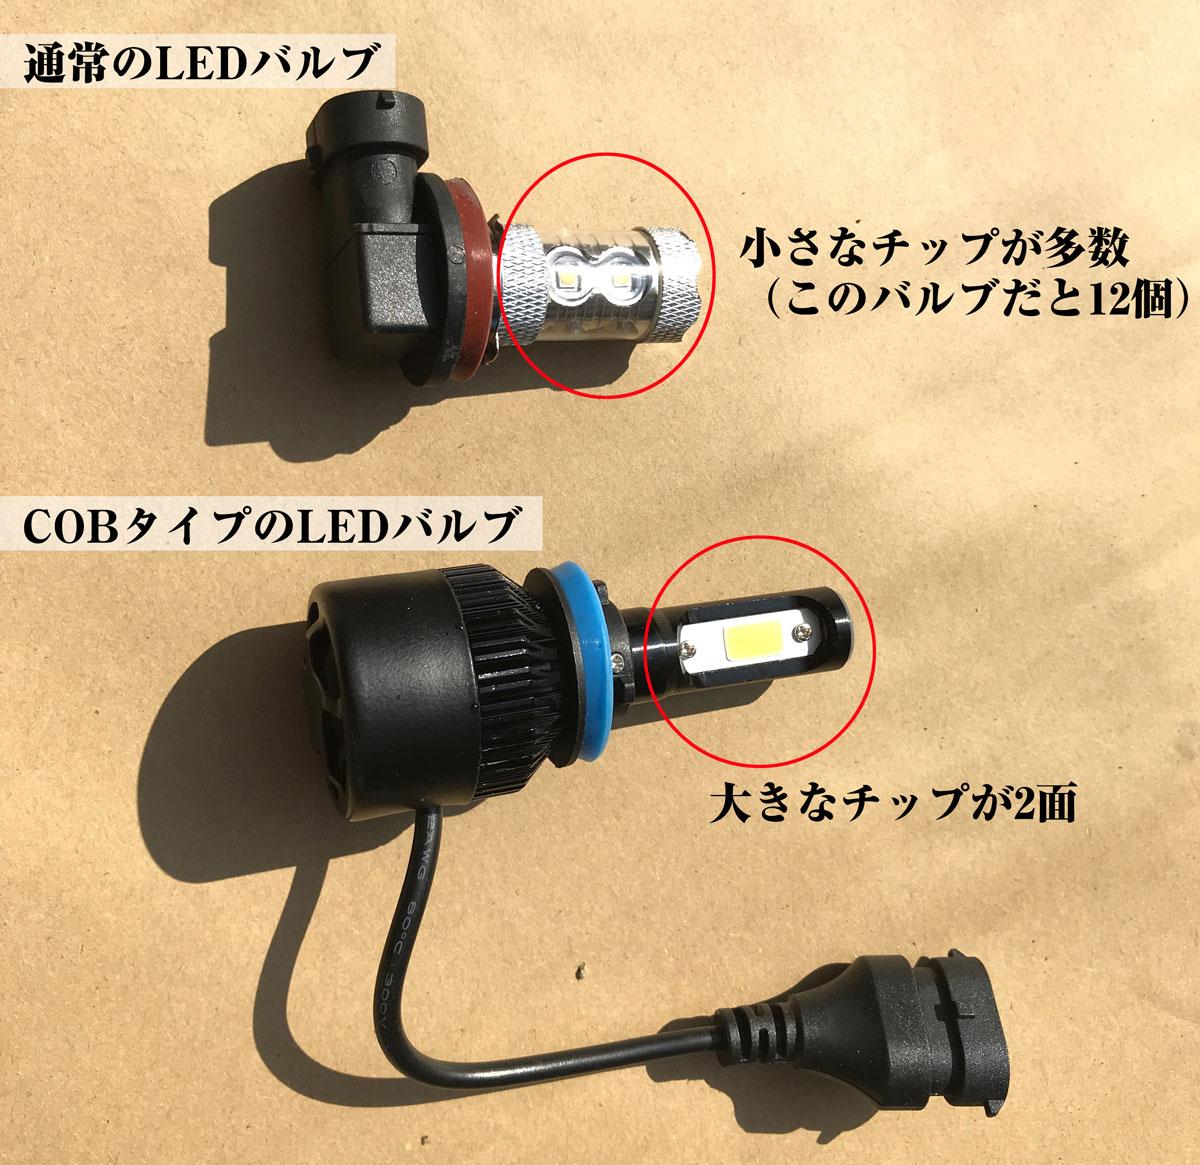 LEDバルブのサンプル